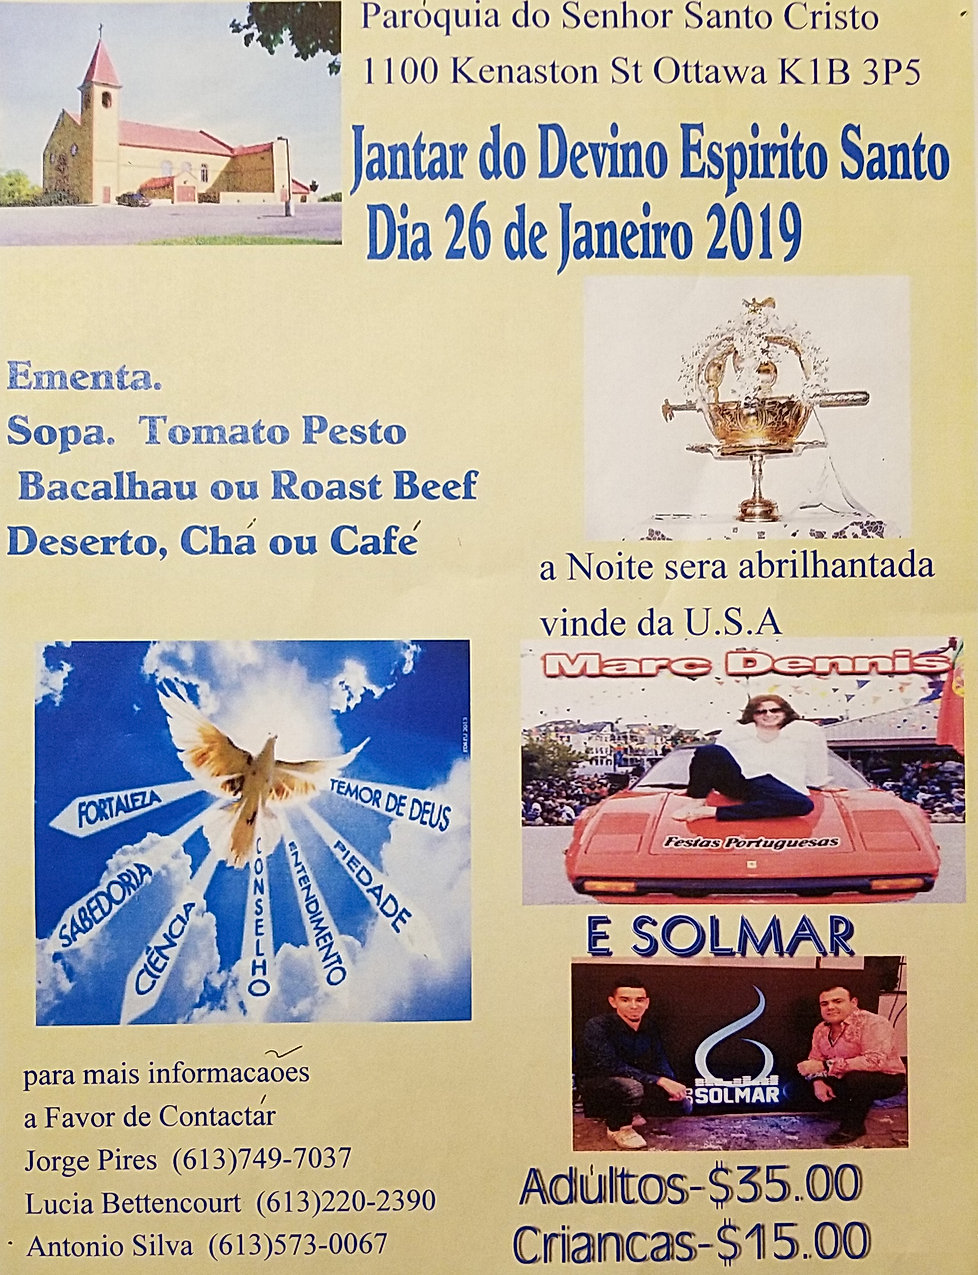 Jantar Do Divino Espirito Santo 2019.jpg